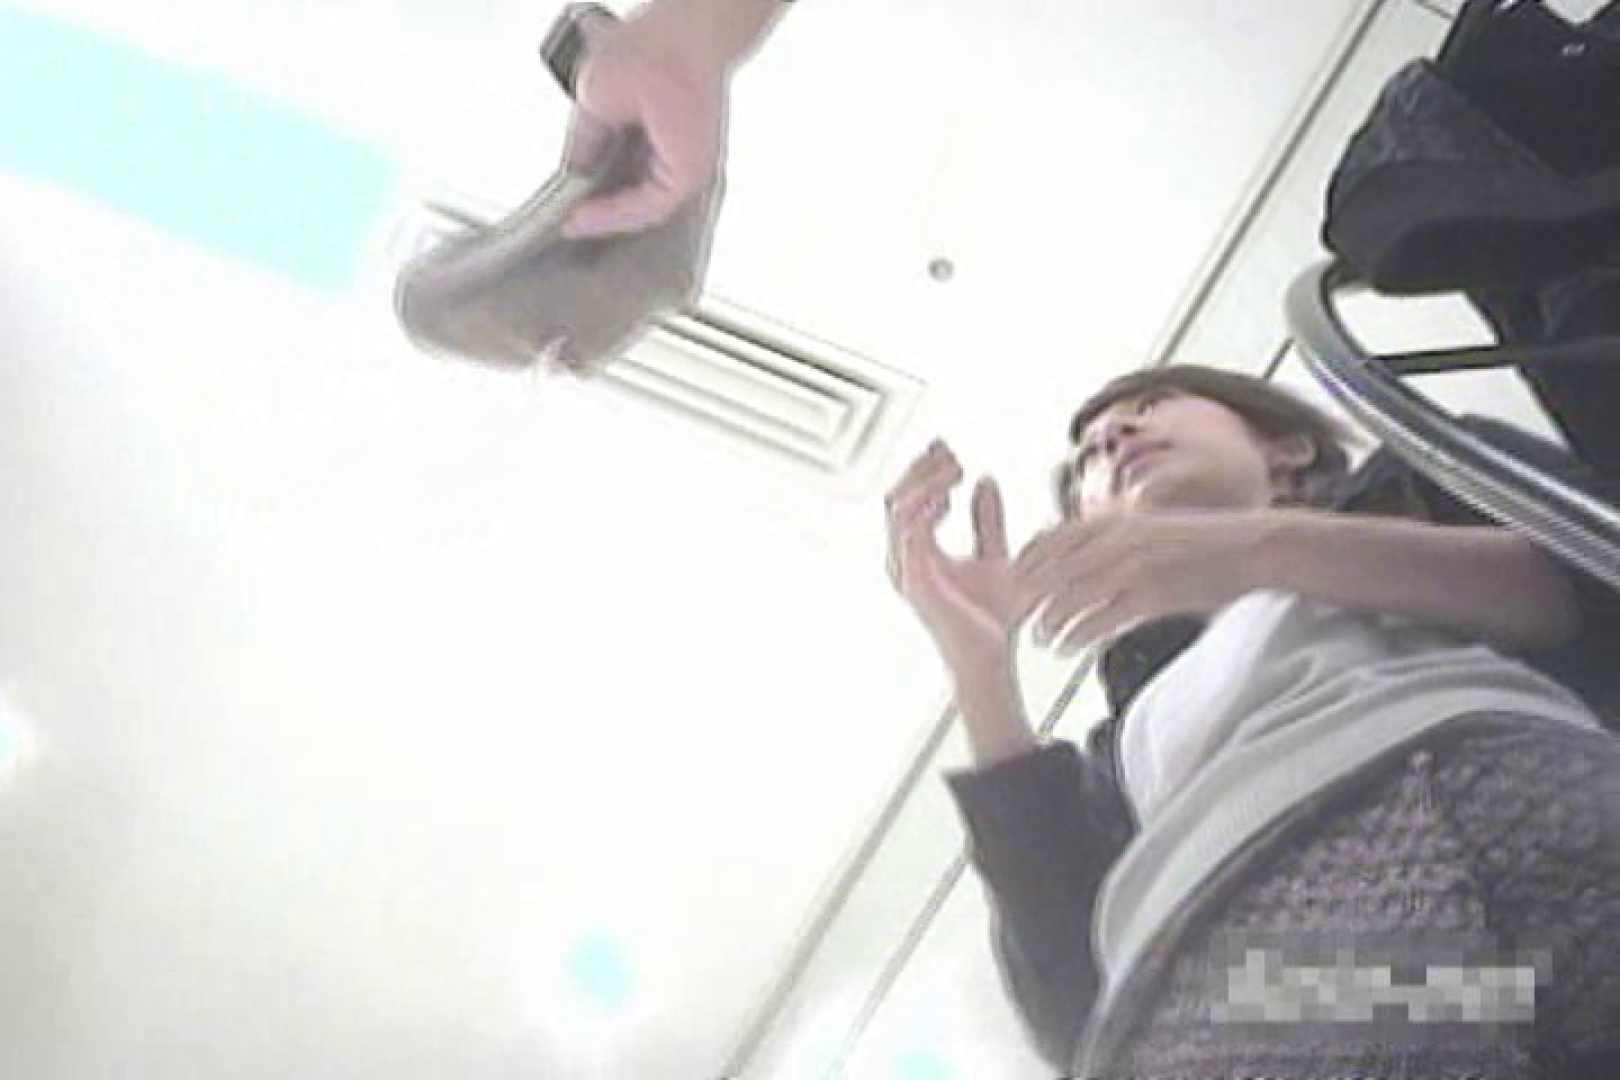 デパートローアングル徘徊 靴カメ盗撮Vol.12 OLエロ画像 | 盗撮  68PICs 17